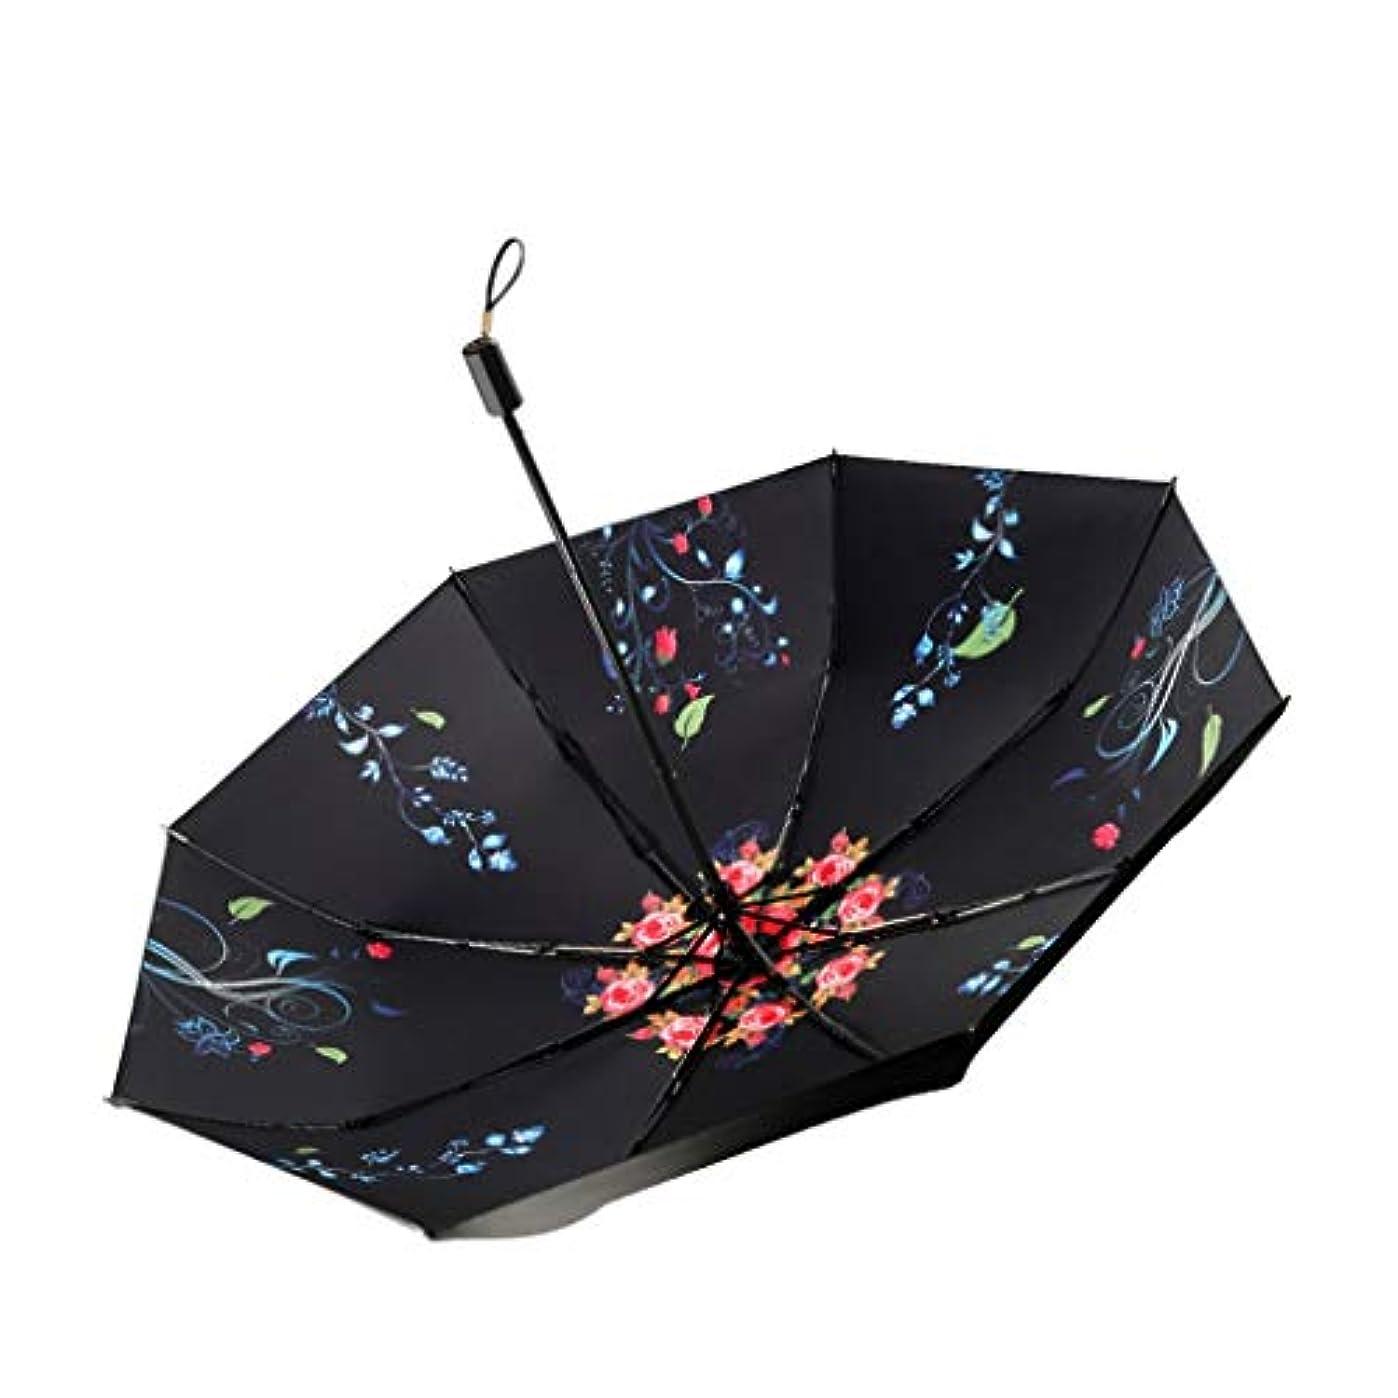 春このアイドルポケット傘折りたたみ傘旅行傘太陽の傘UVプロテクション、マルチカラーオプション、さまざまなオプション Huhero (Color : A)